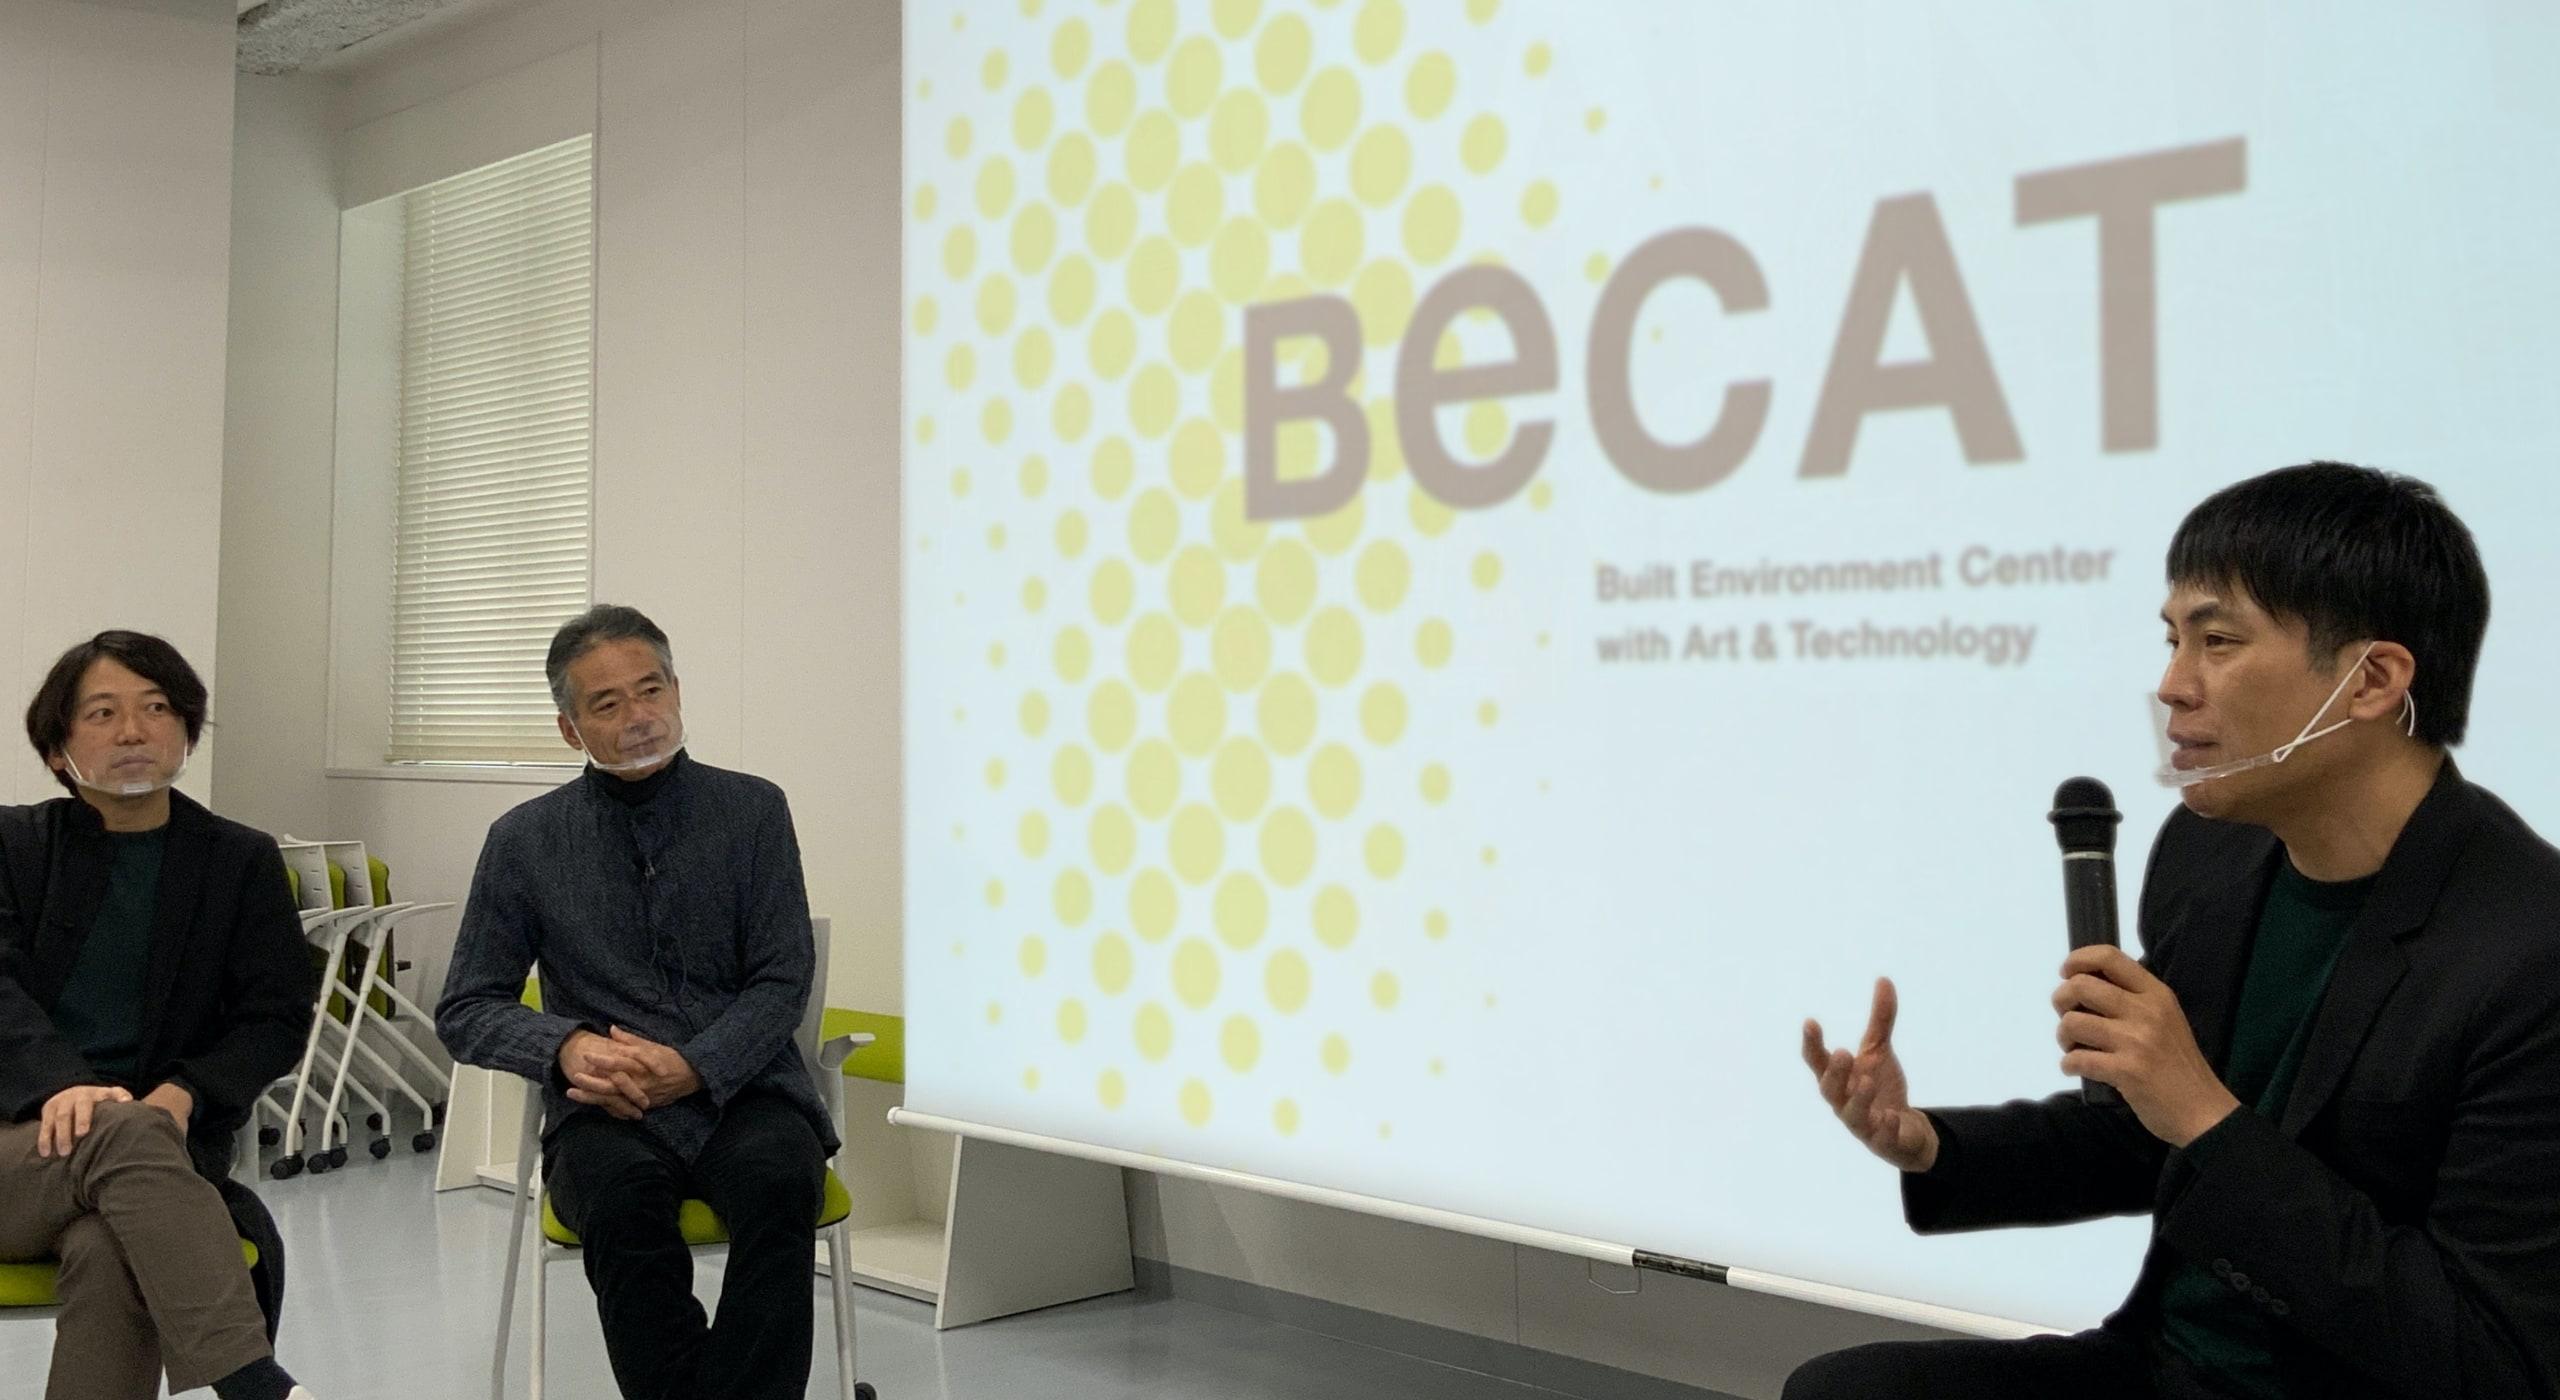 DesignxEngineering 環境をテーマにしたデザインxエンジニアリングの教育・研究センター。